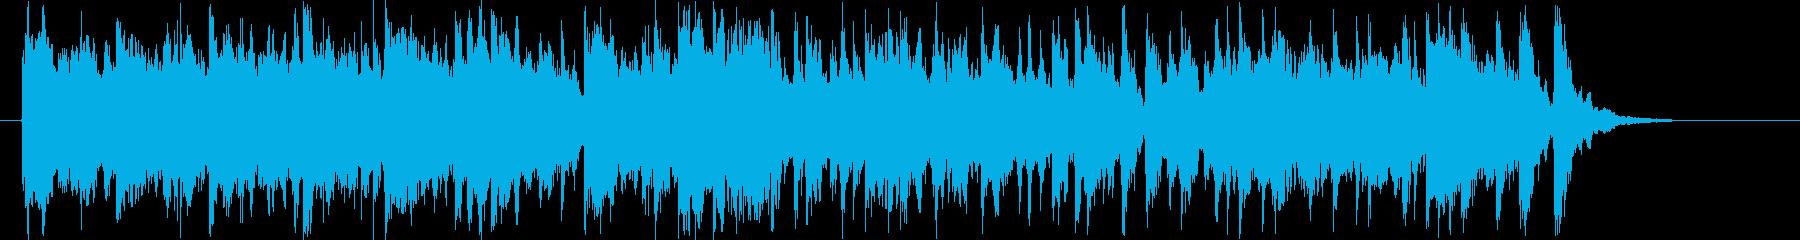 キラキラしたテンポいいシンセサイザーの曲の再生済みの波形